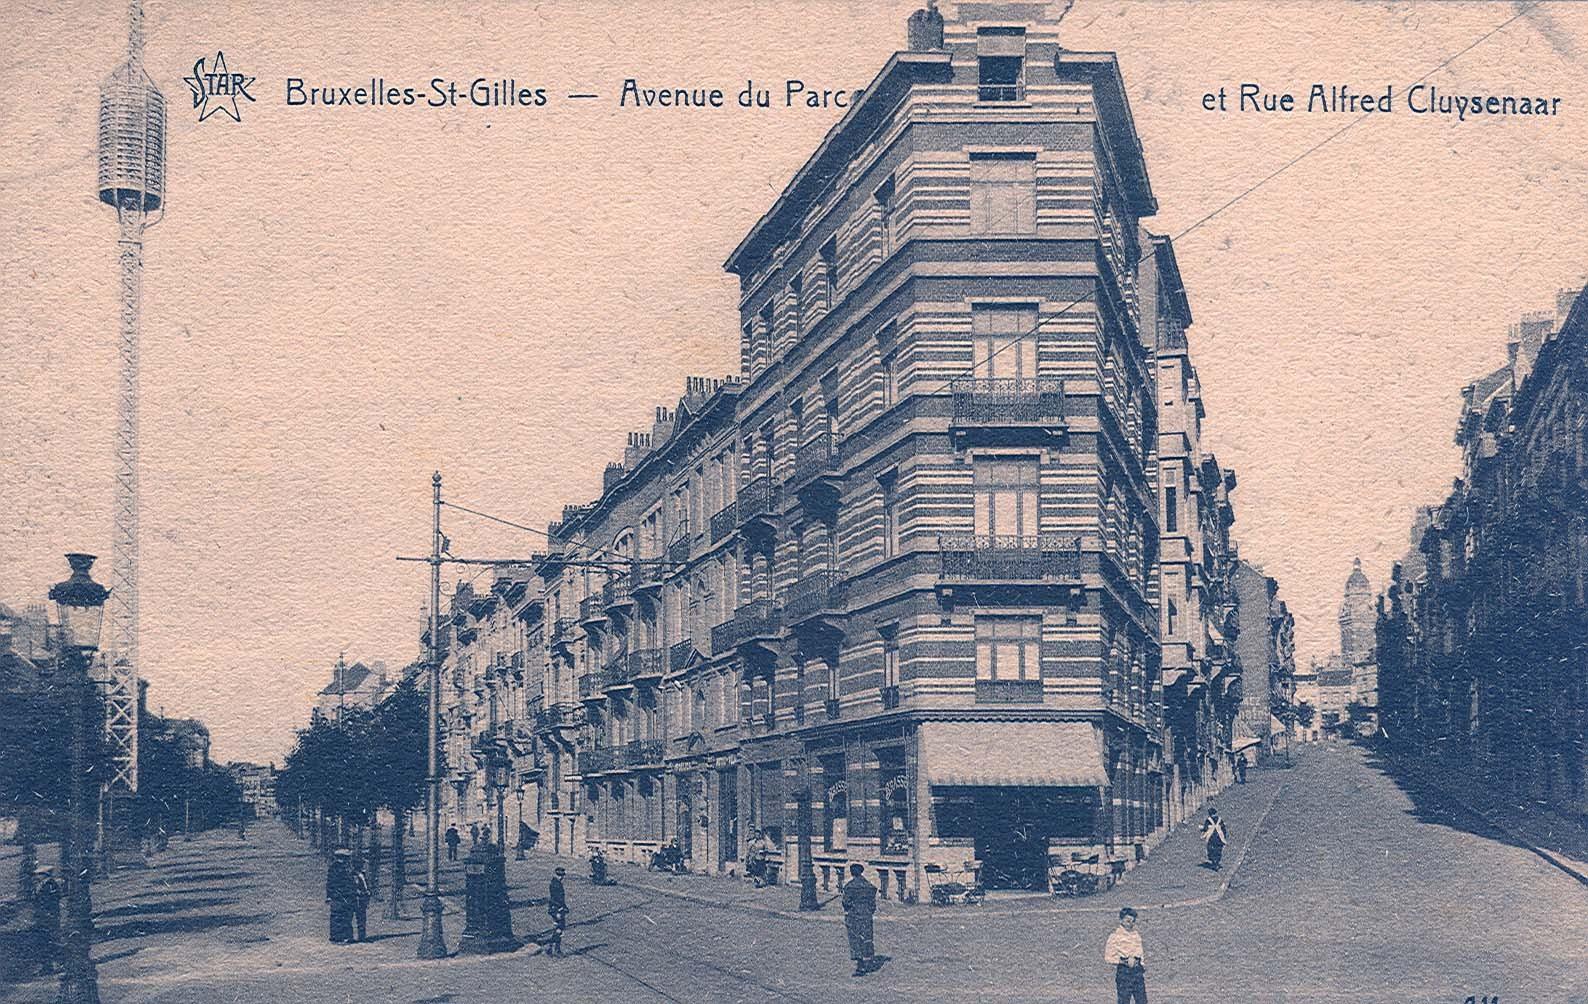 Rue Alfred Cluysenaer (Collection de Dexia Banque, s.d.)